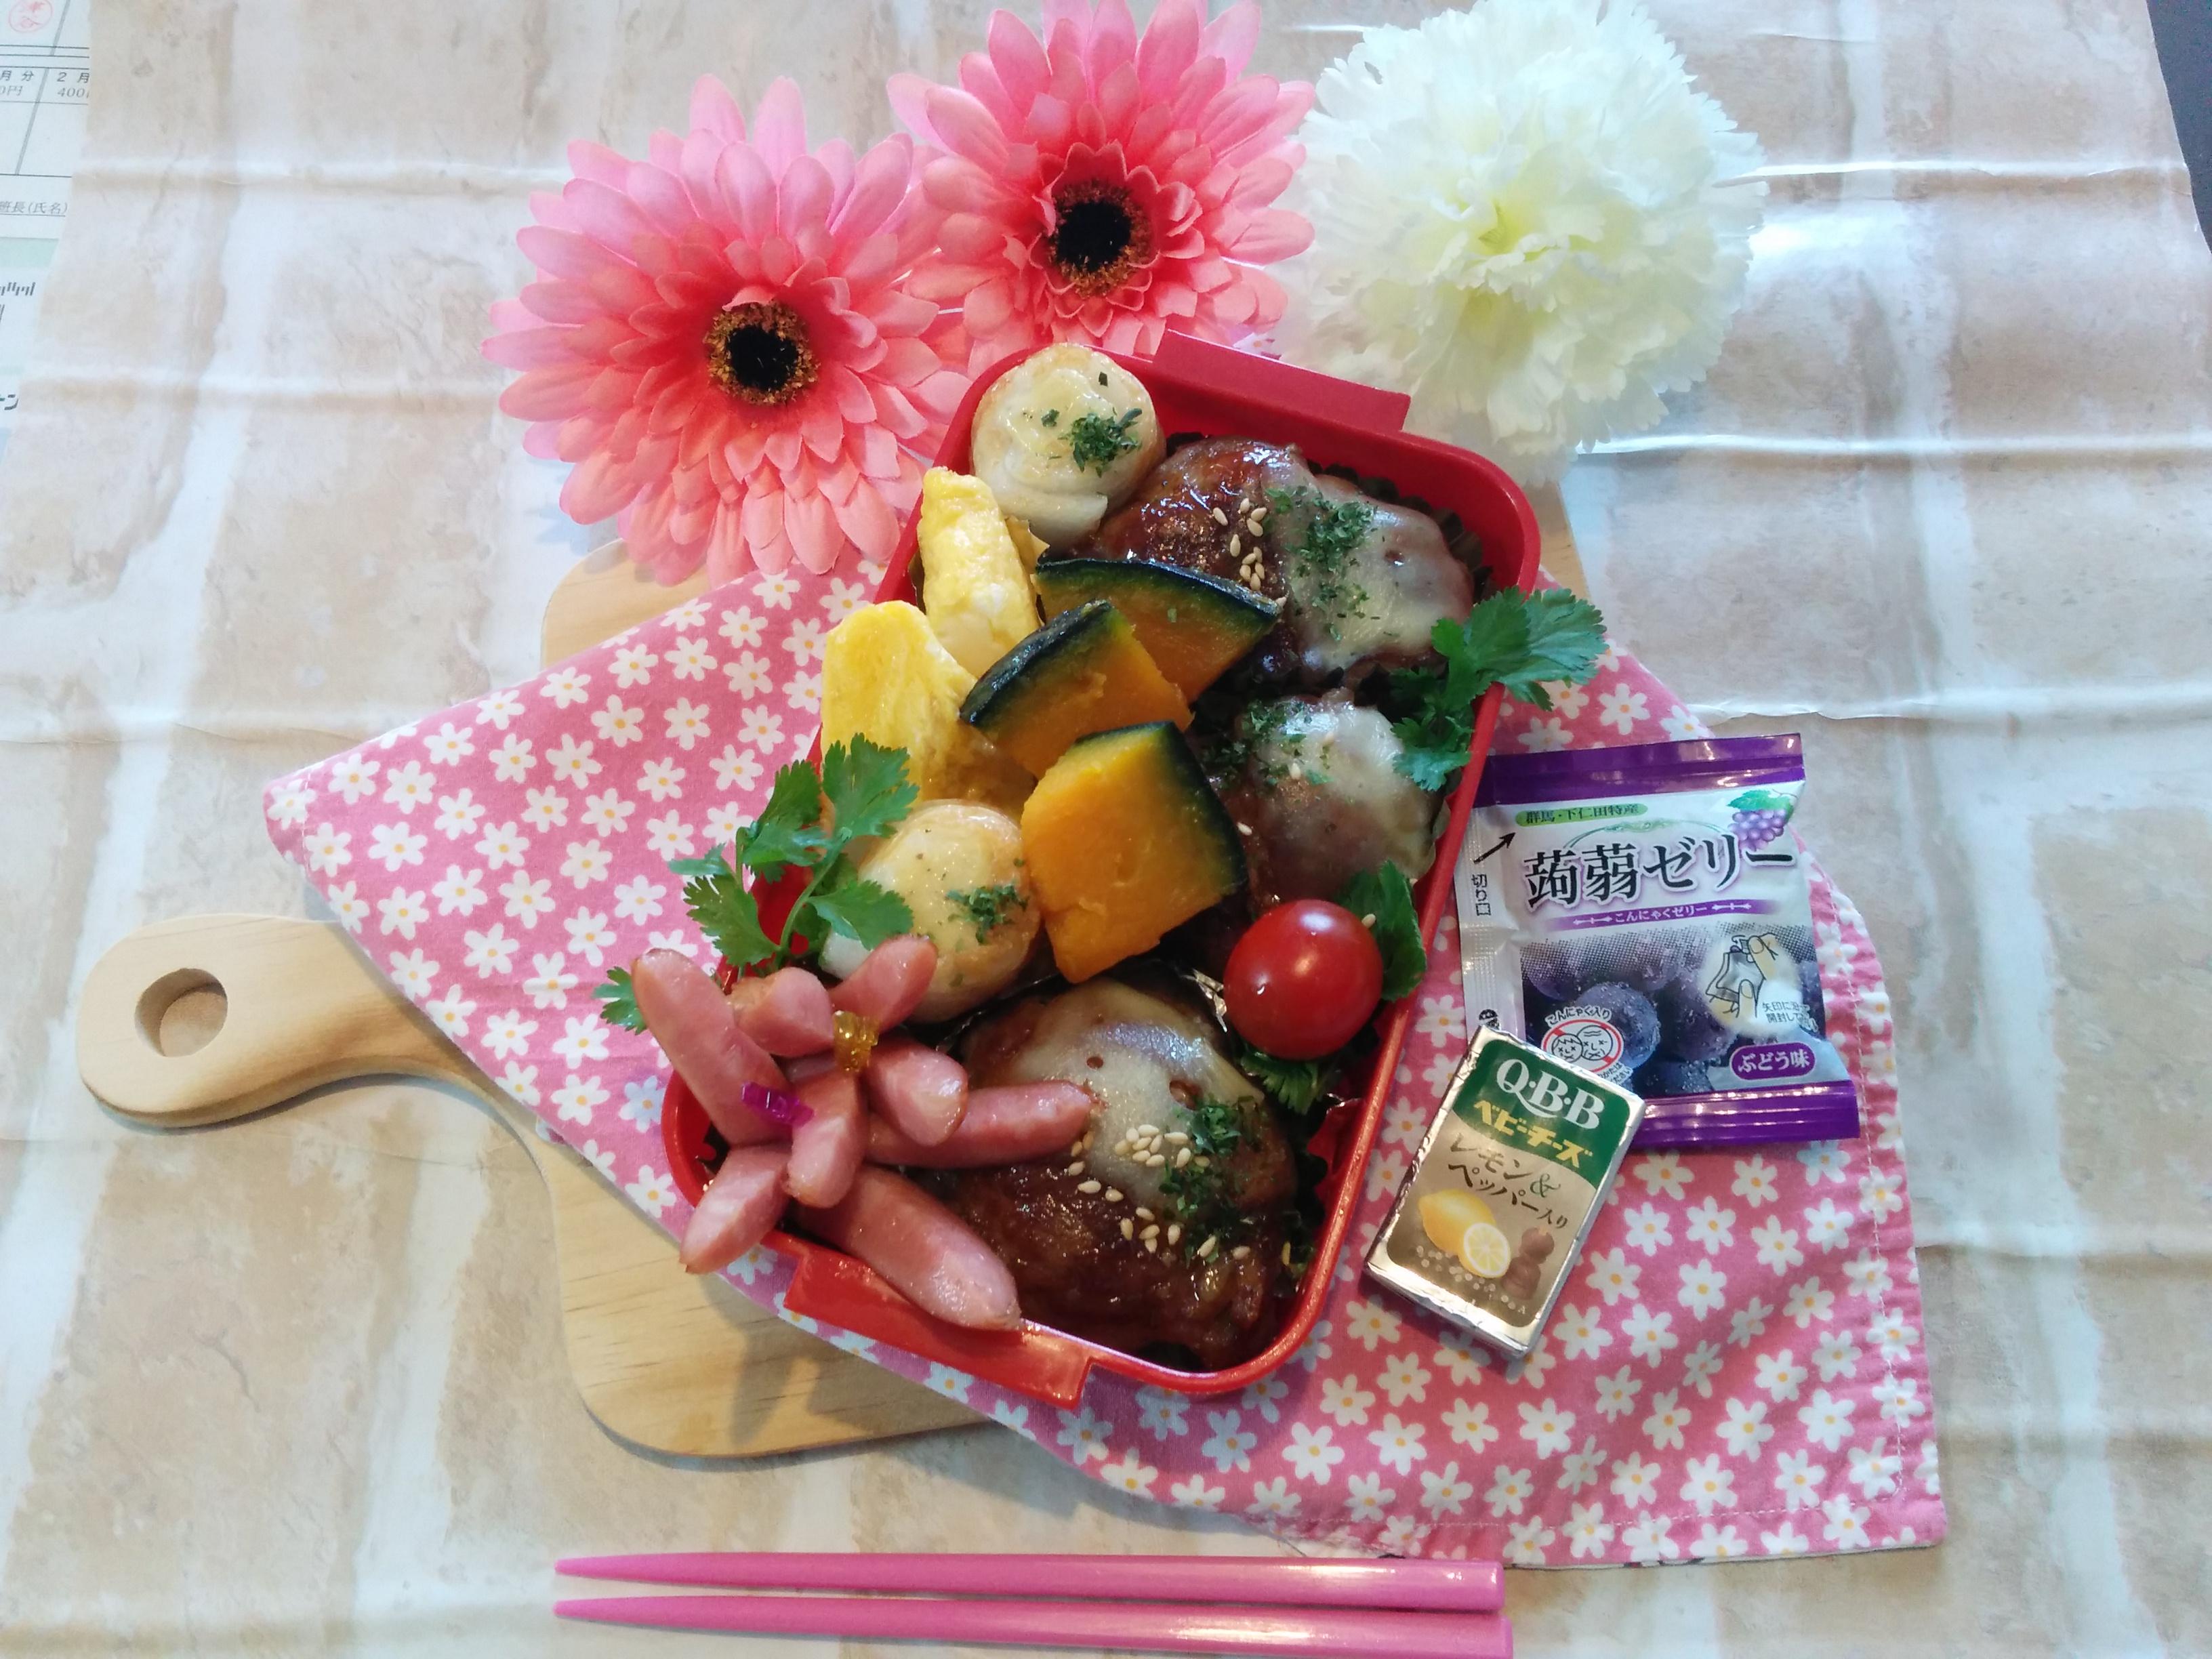 【小樽】娘の今日のお弁当・豚肉巻弁当グルメ案内です。